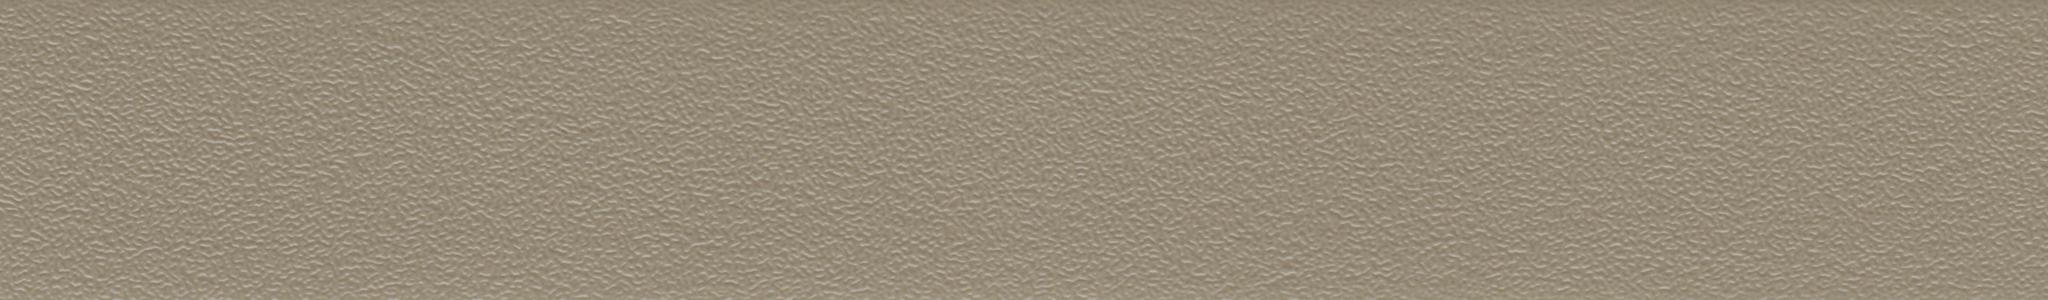 HU 182512 кромка ABS коричневая жемчуг 101